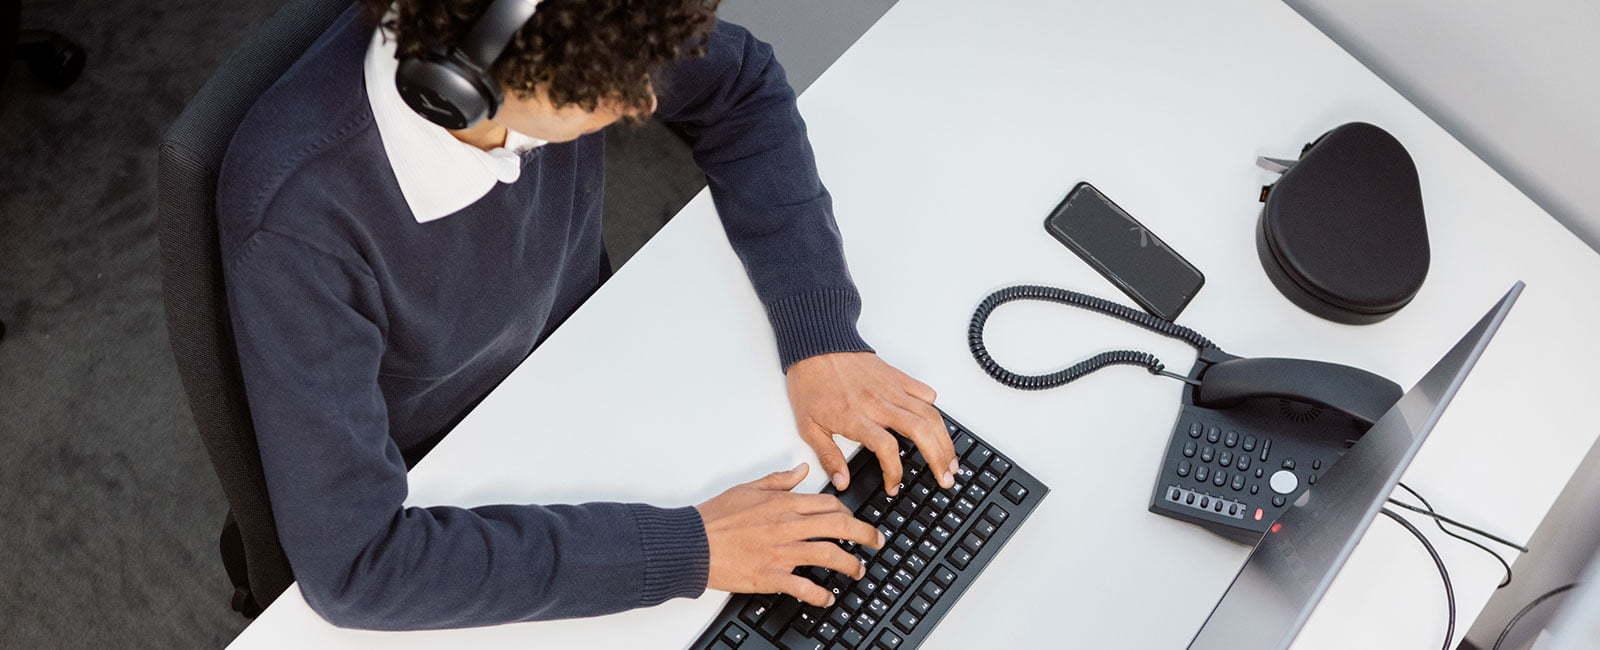 Mitarbeiter sitzt am Pc und schreibt